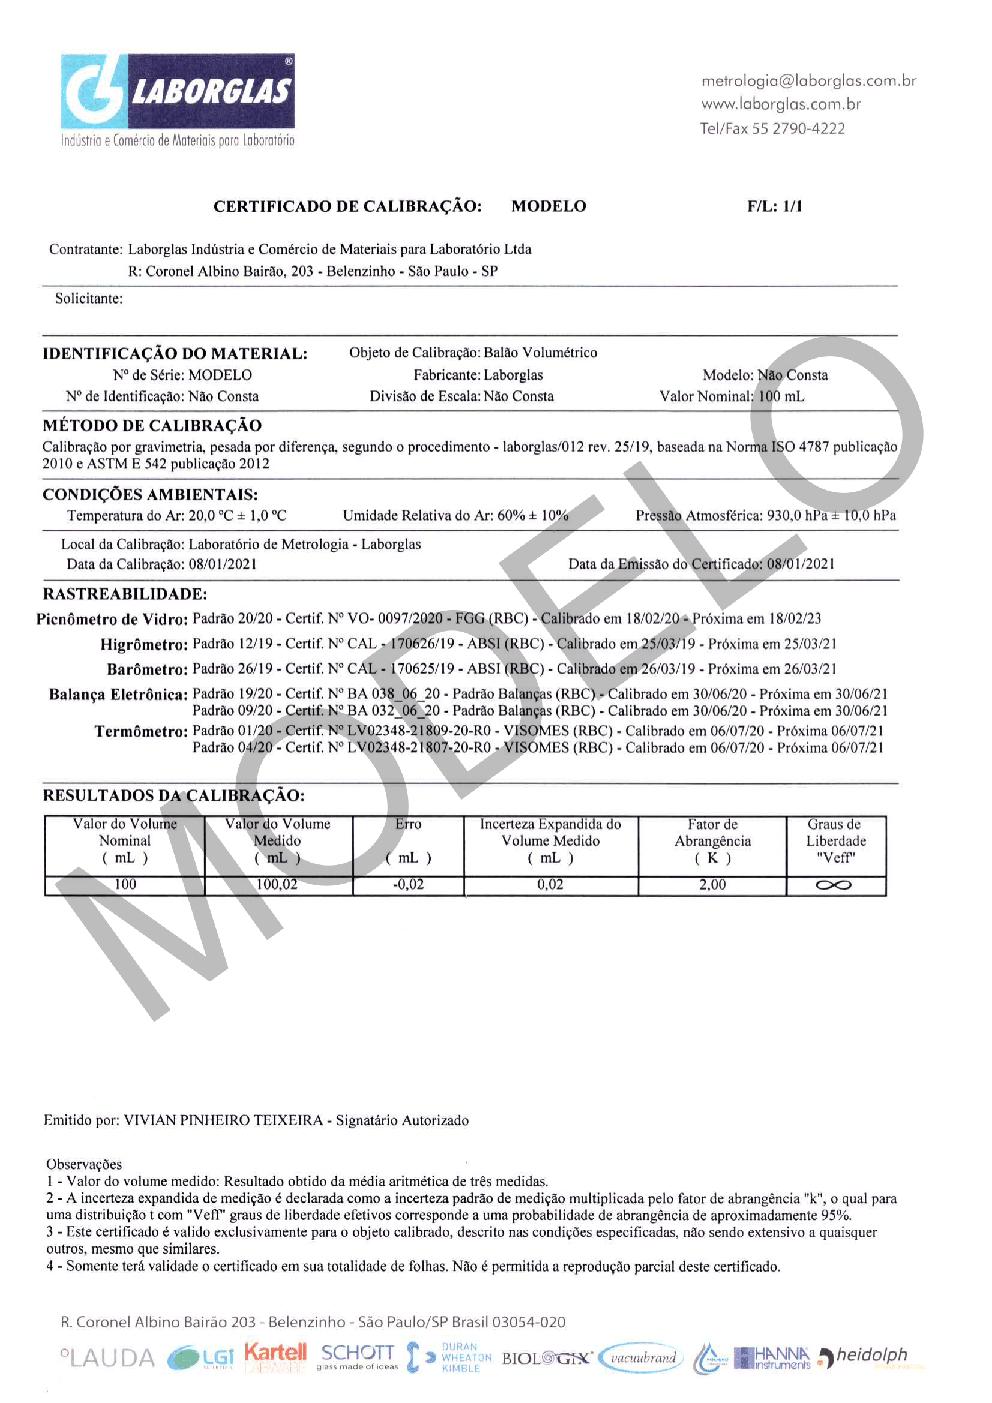 BALÃO VOLUMÉTRICO CLASSE A ROLHA POLI C/ CERTIFICADO RASTREÁVEL 6000 ML - Marca Laborglas - Cód. 9167876-C